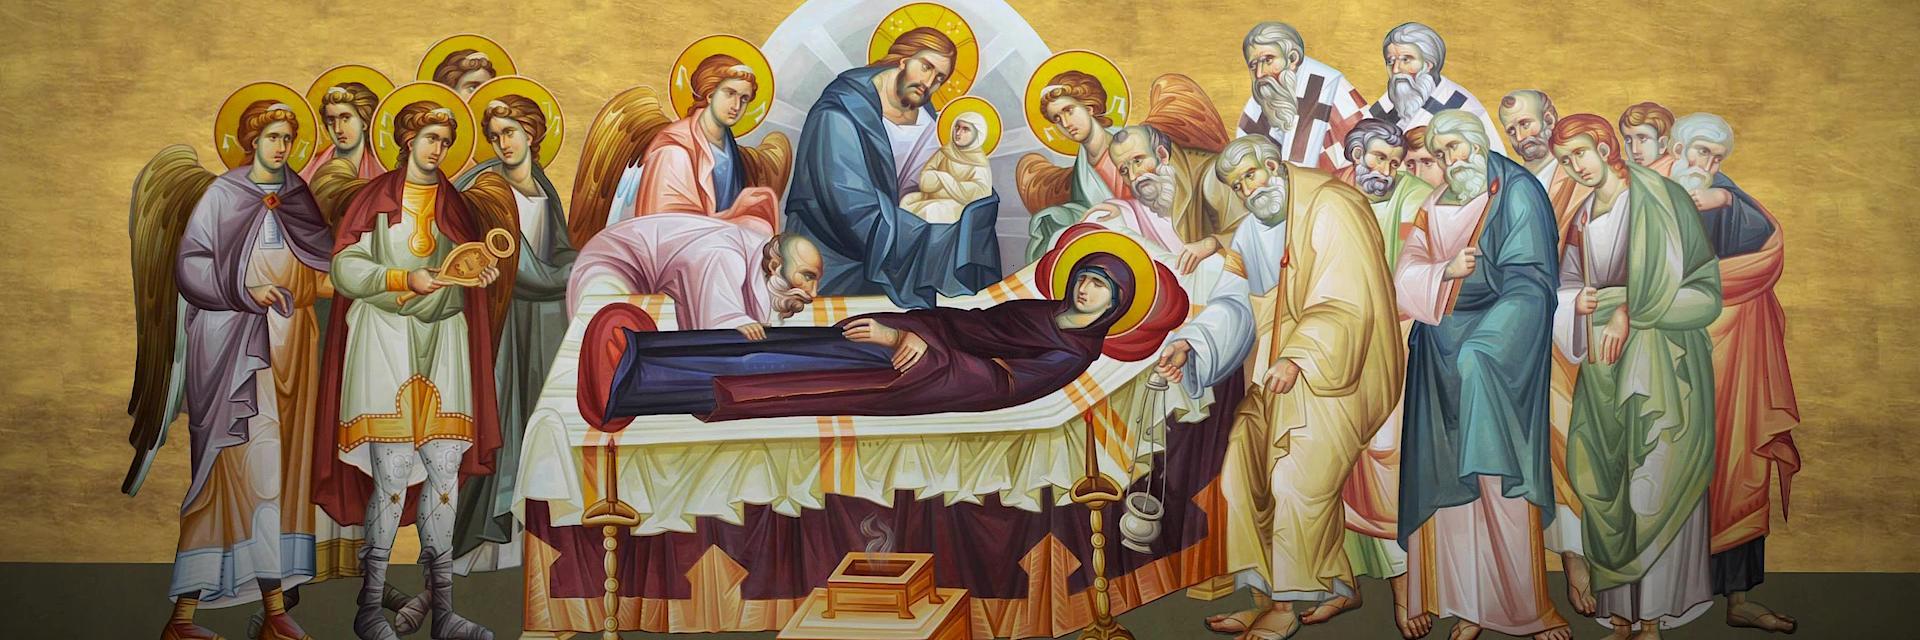 BISERICA SĂRBĂTOREŞTE ASTAZI ADORMIREA MAICII DOMNULUI